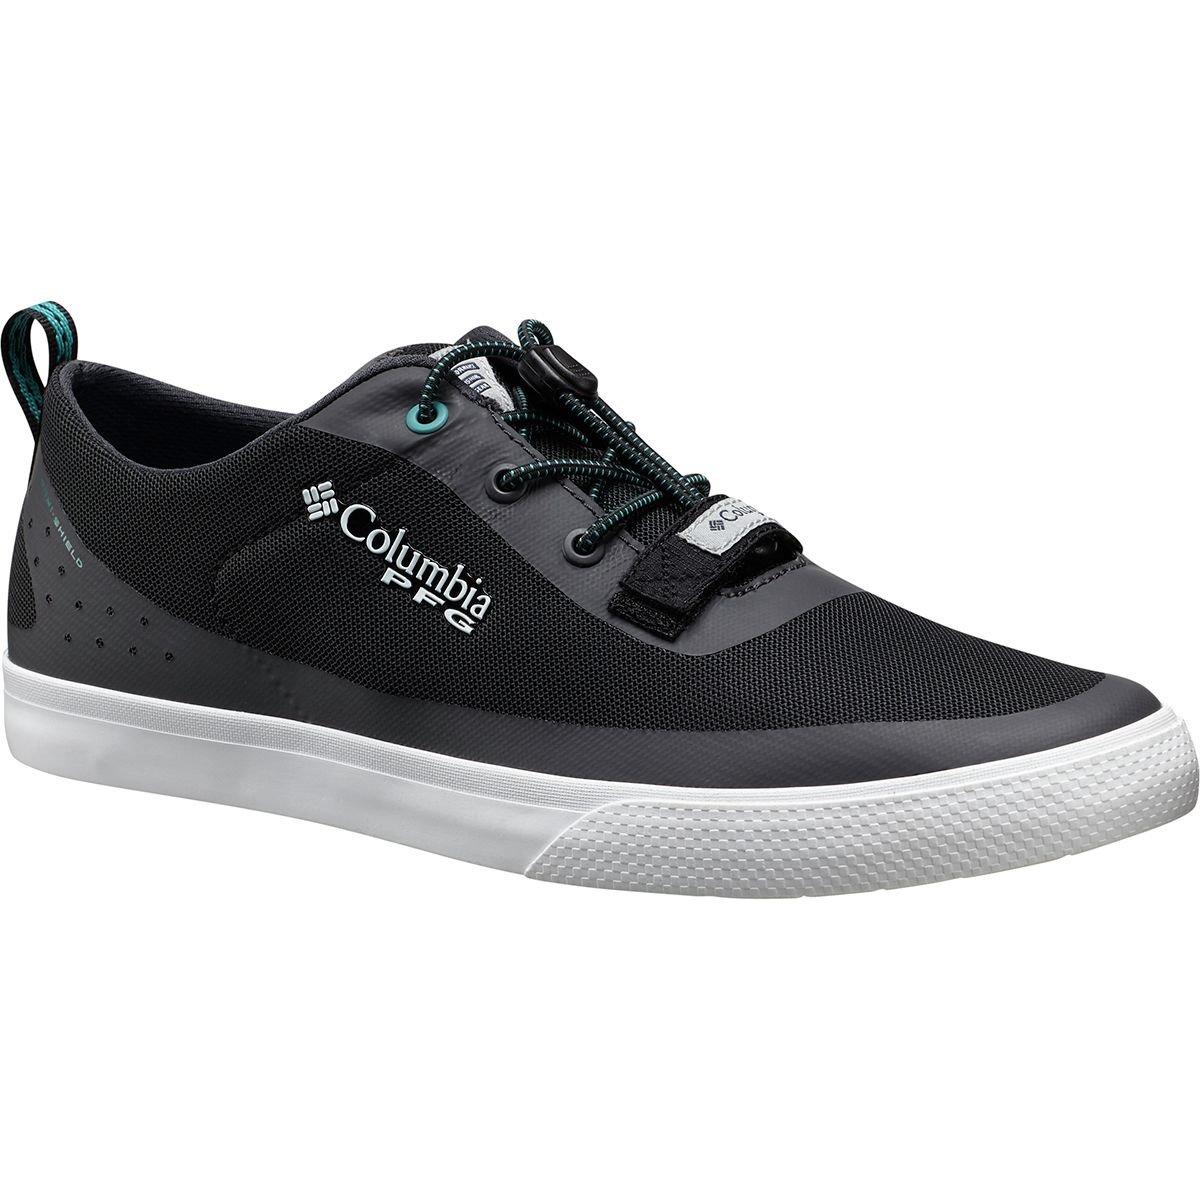 [Columbia] (コロンビア) Dorado CVO PFG Shoe メンズ ウォーターシューズ [並行輸入品]   B079VMFJKX